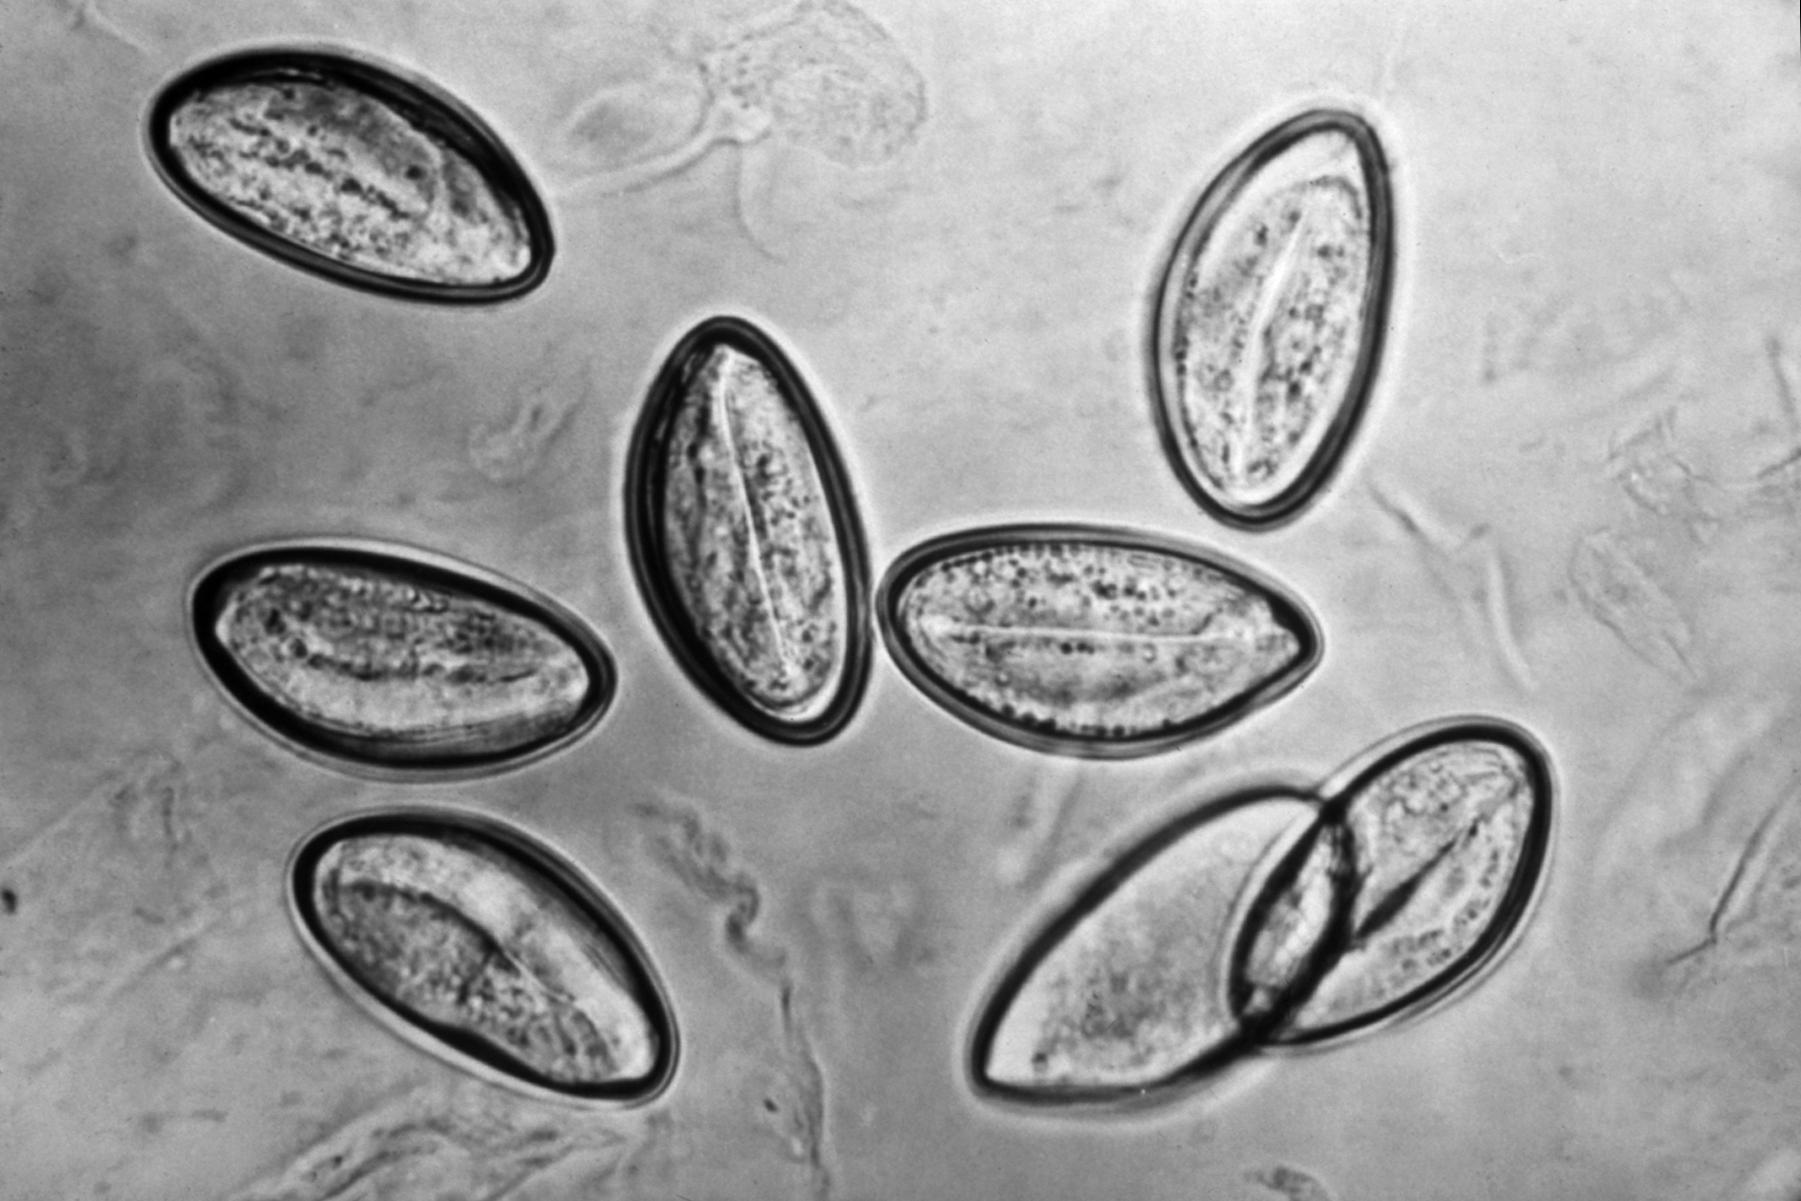 enterobius vermicularis dpdx